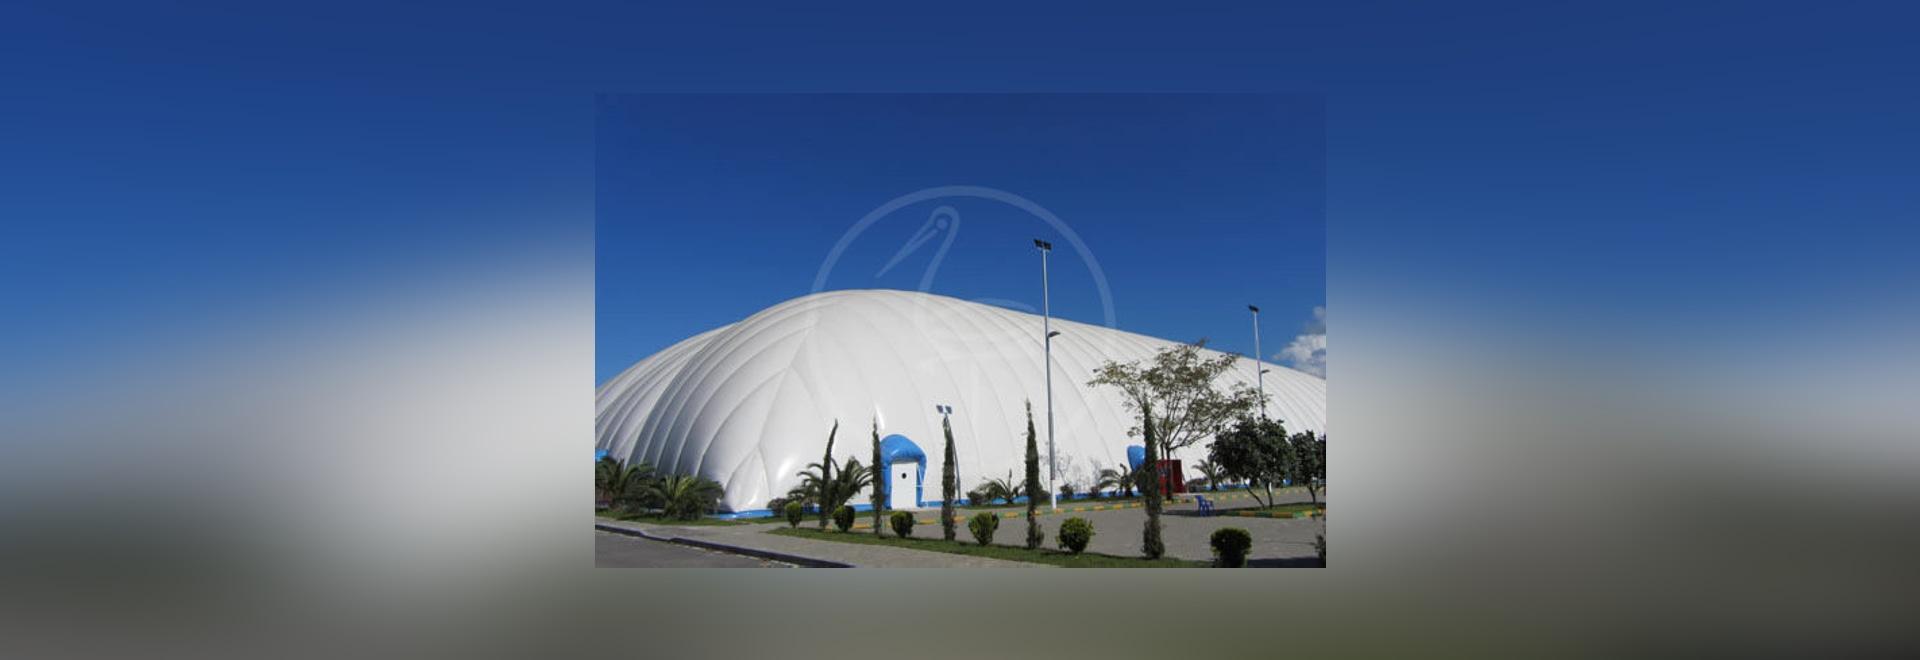 NUEVO: estructura inflable del campo atlético de s.r.l. de la INGENIERÍA del P.M. - PLASTECOMILANO